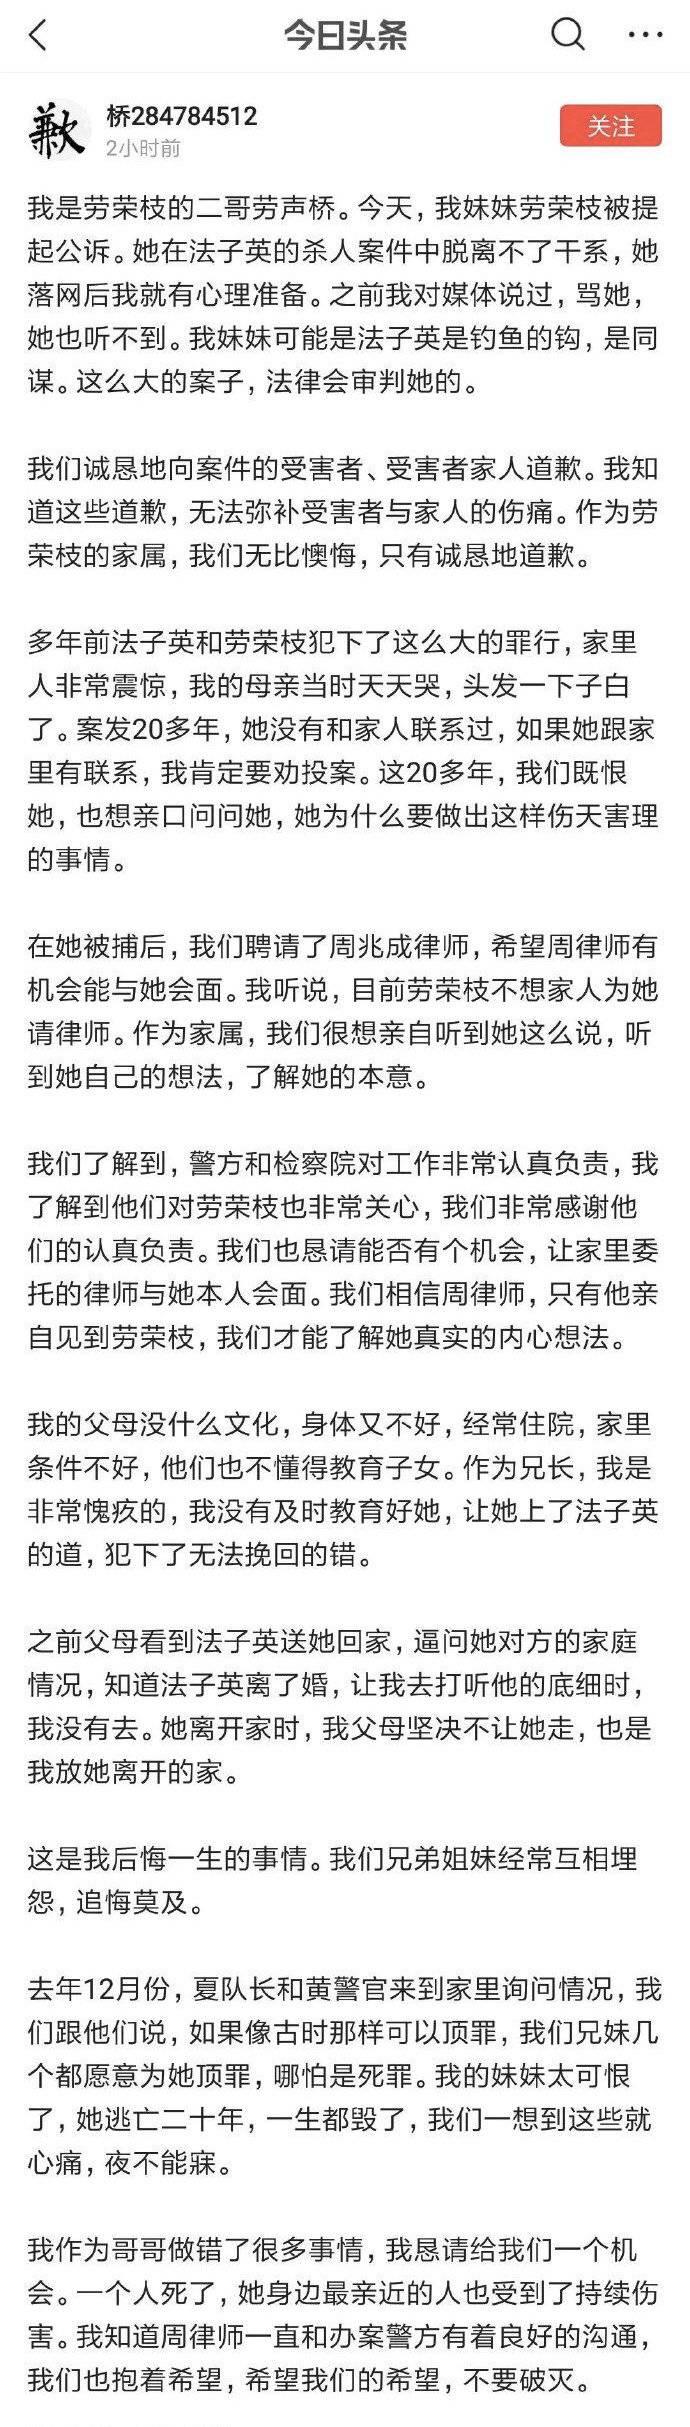 劳荣枝二哥回应道歉声明:相信妹妹没亲自动手杀人,她说她想活